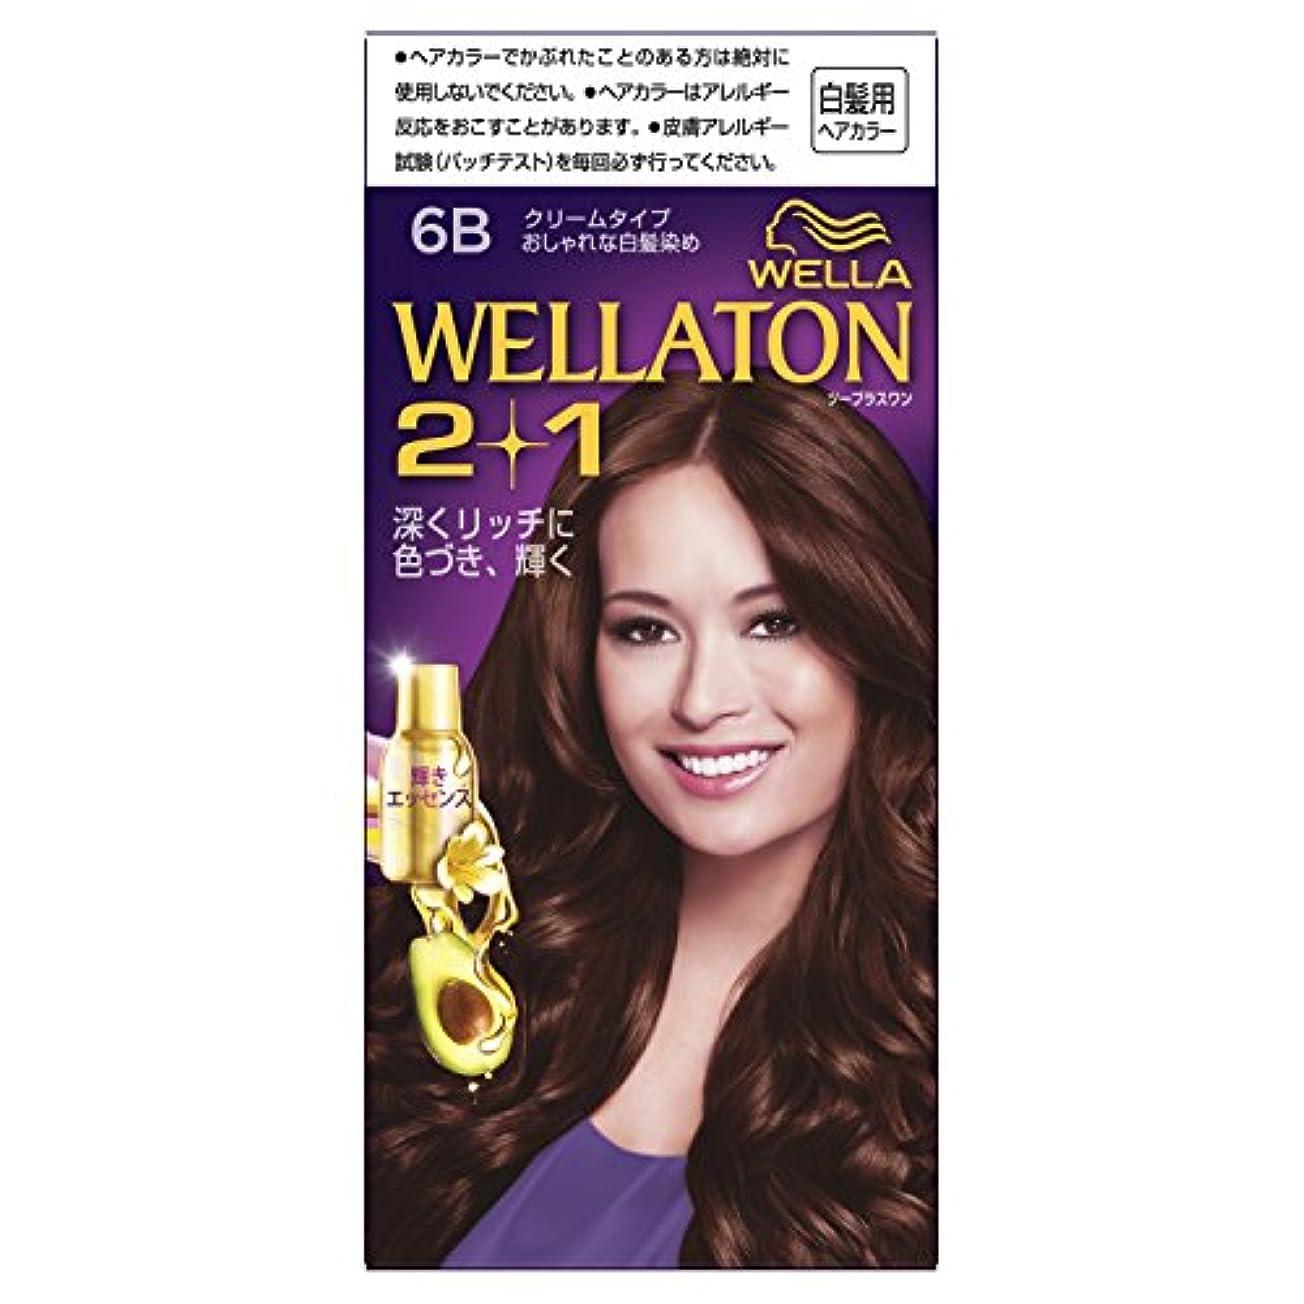 連結する郵便物積分ウエラトーン2+1 クリームタイプ 6B [医薬部外品](おしゃれな白髪染め)